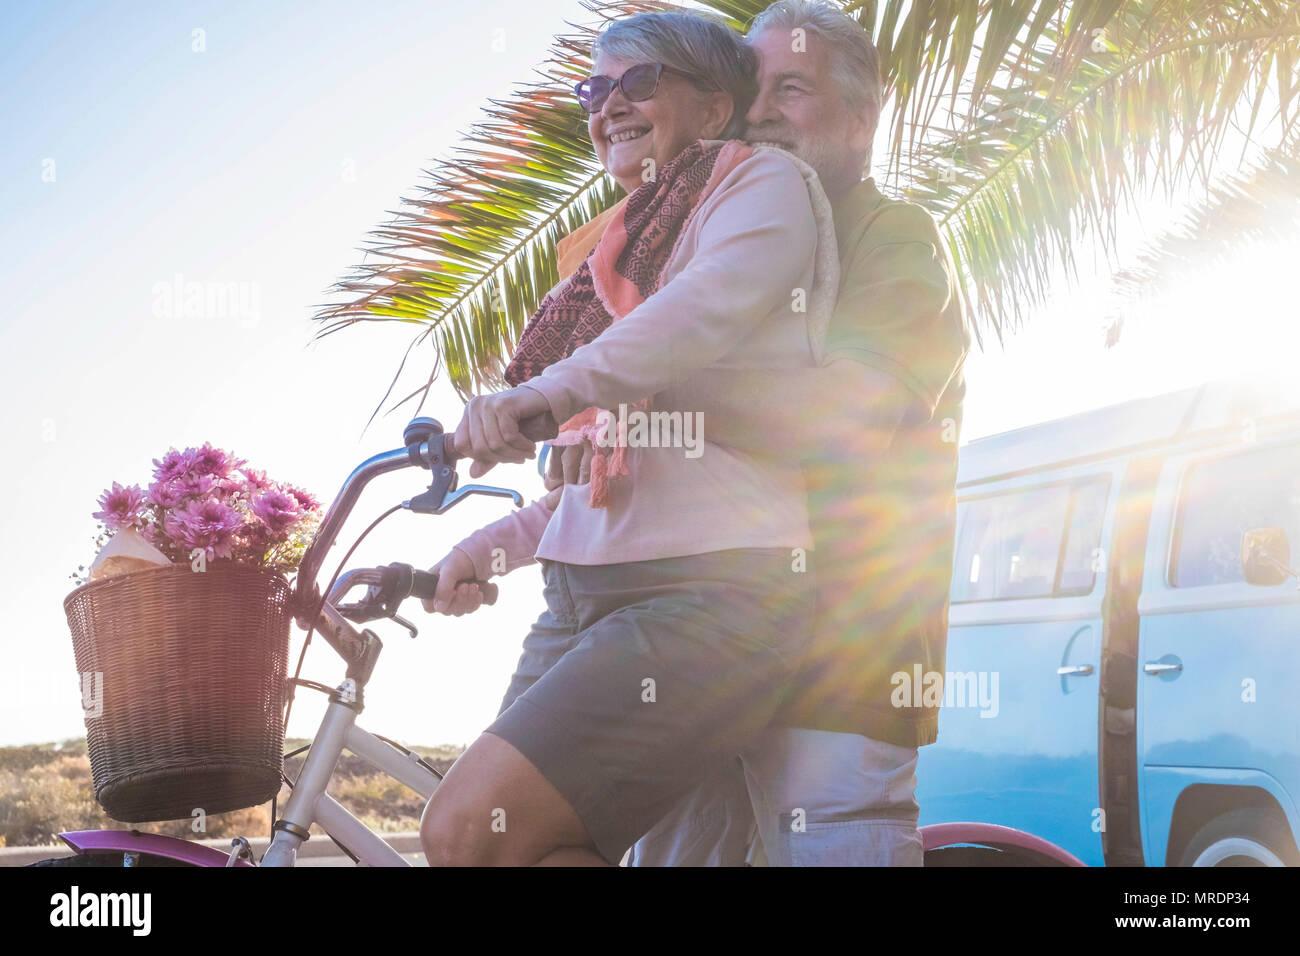 Bella bella coppia di anziani nonni andando insieme su una bicicletta all'aperto in un luogo tropicale. vecchio blu vintage van in background. happine Immagini Stock